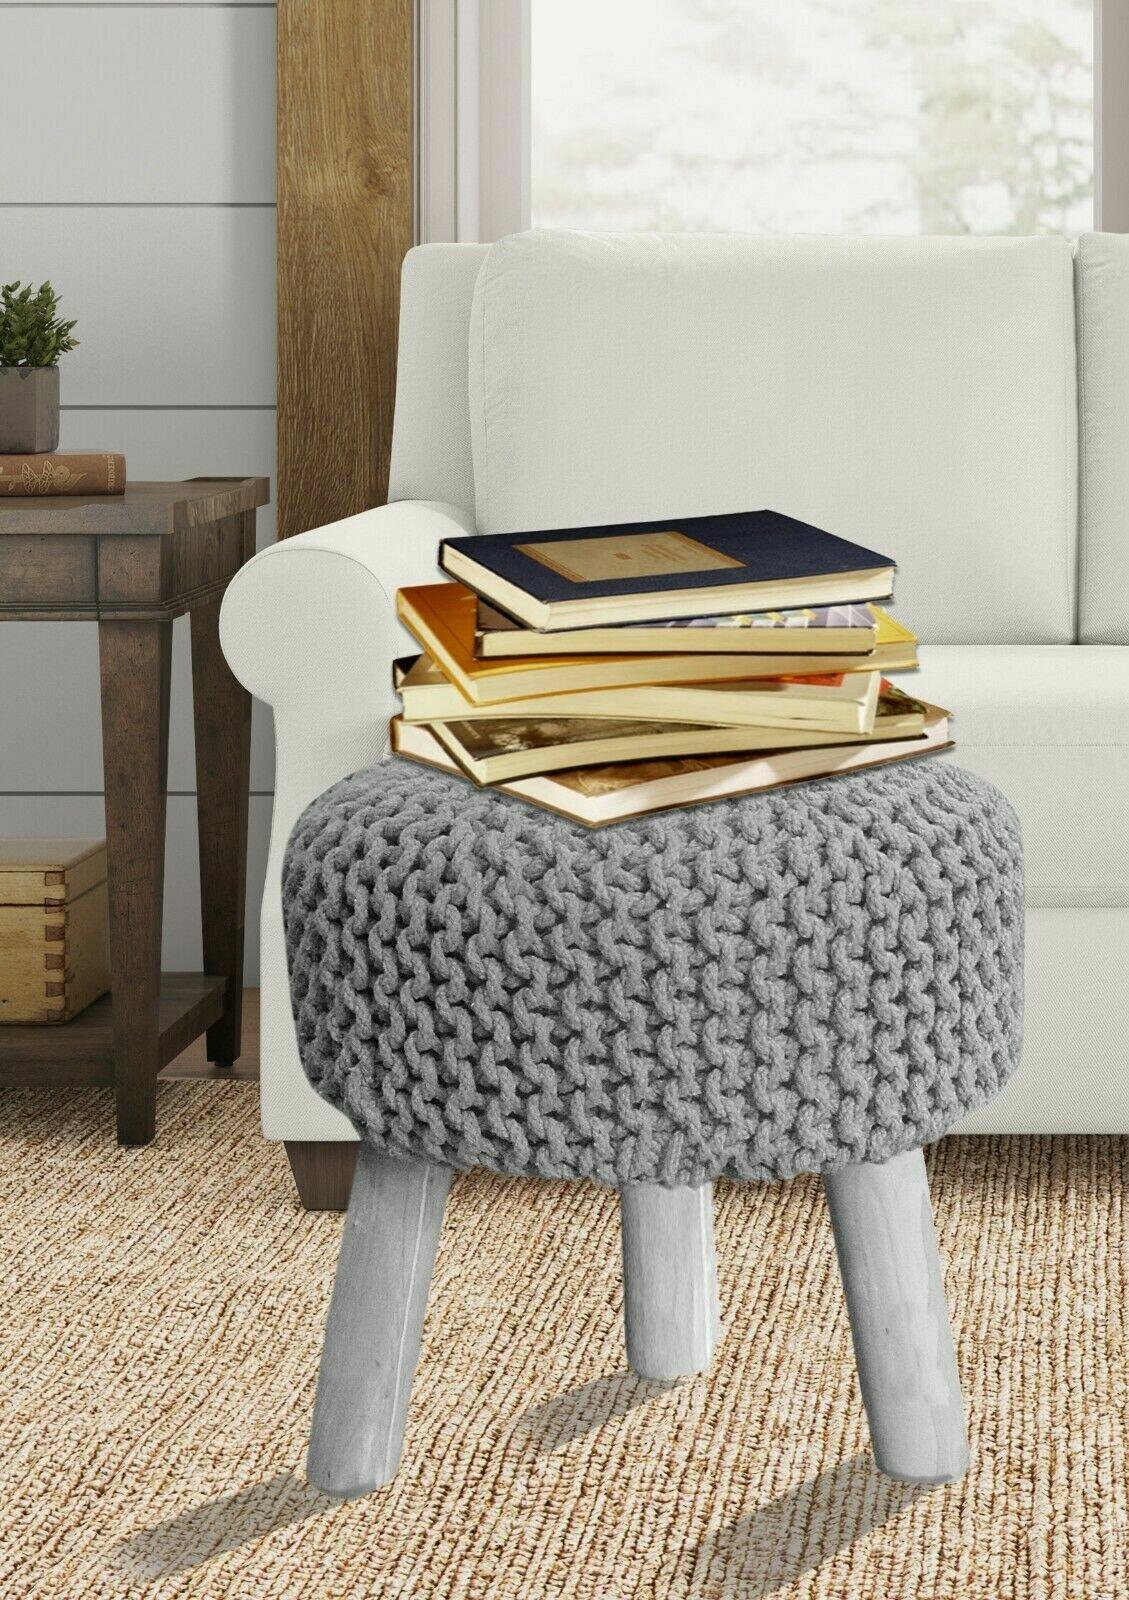 shutt hand knitted wooden pouf